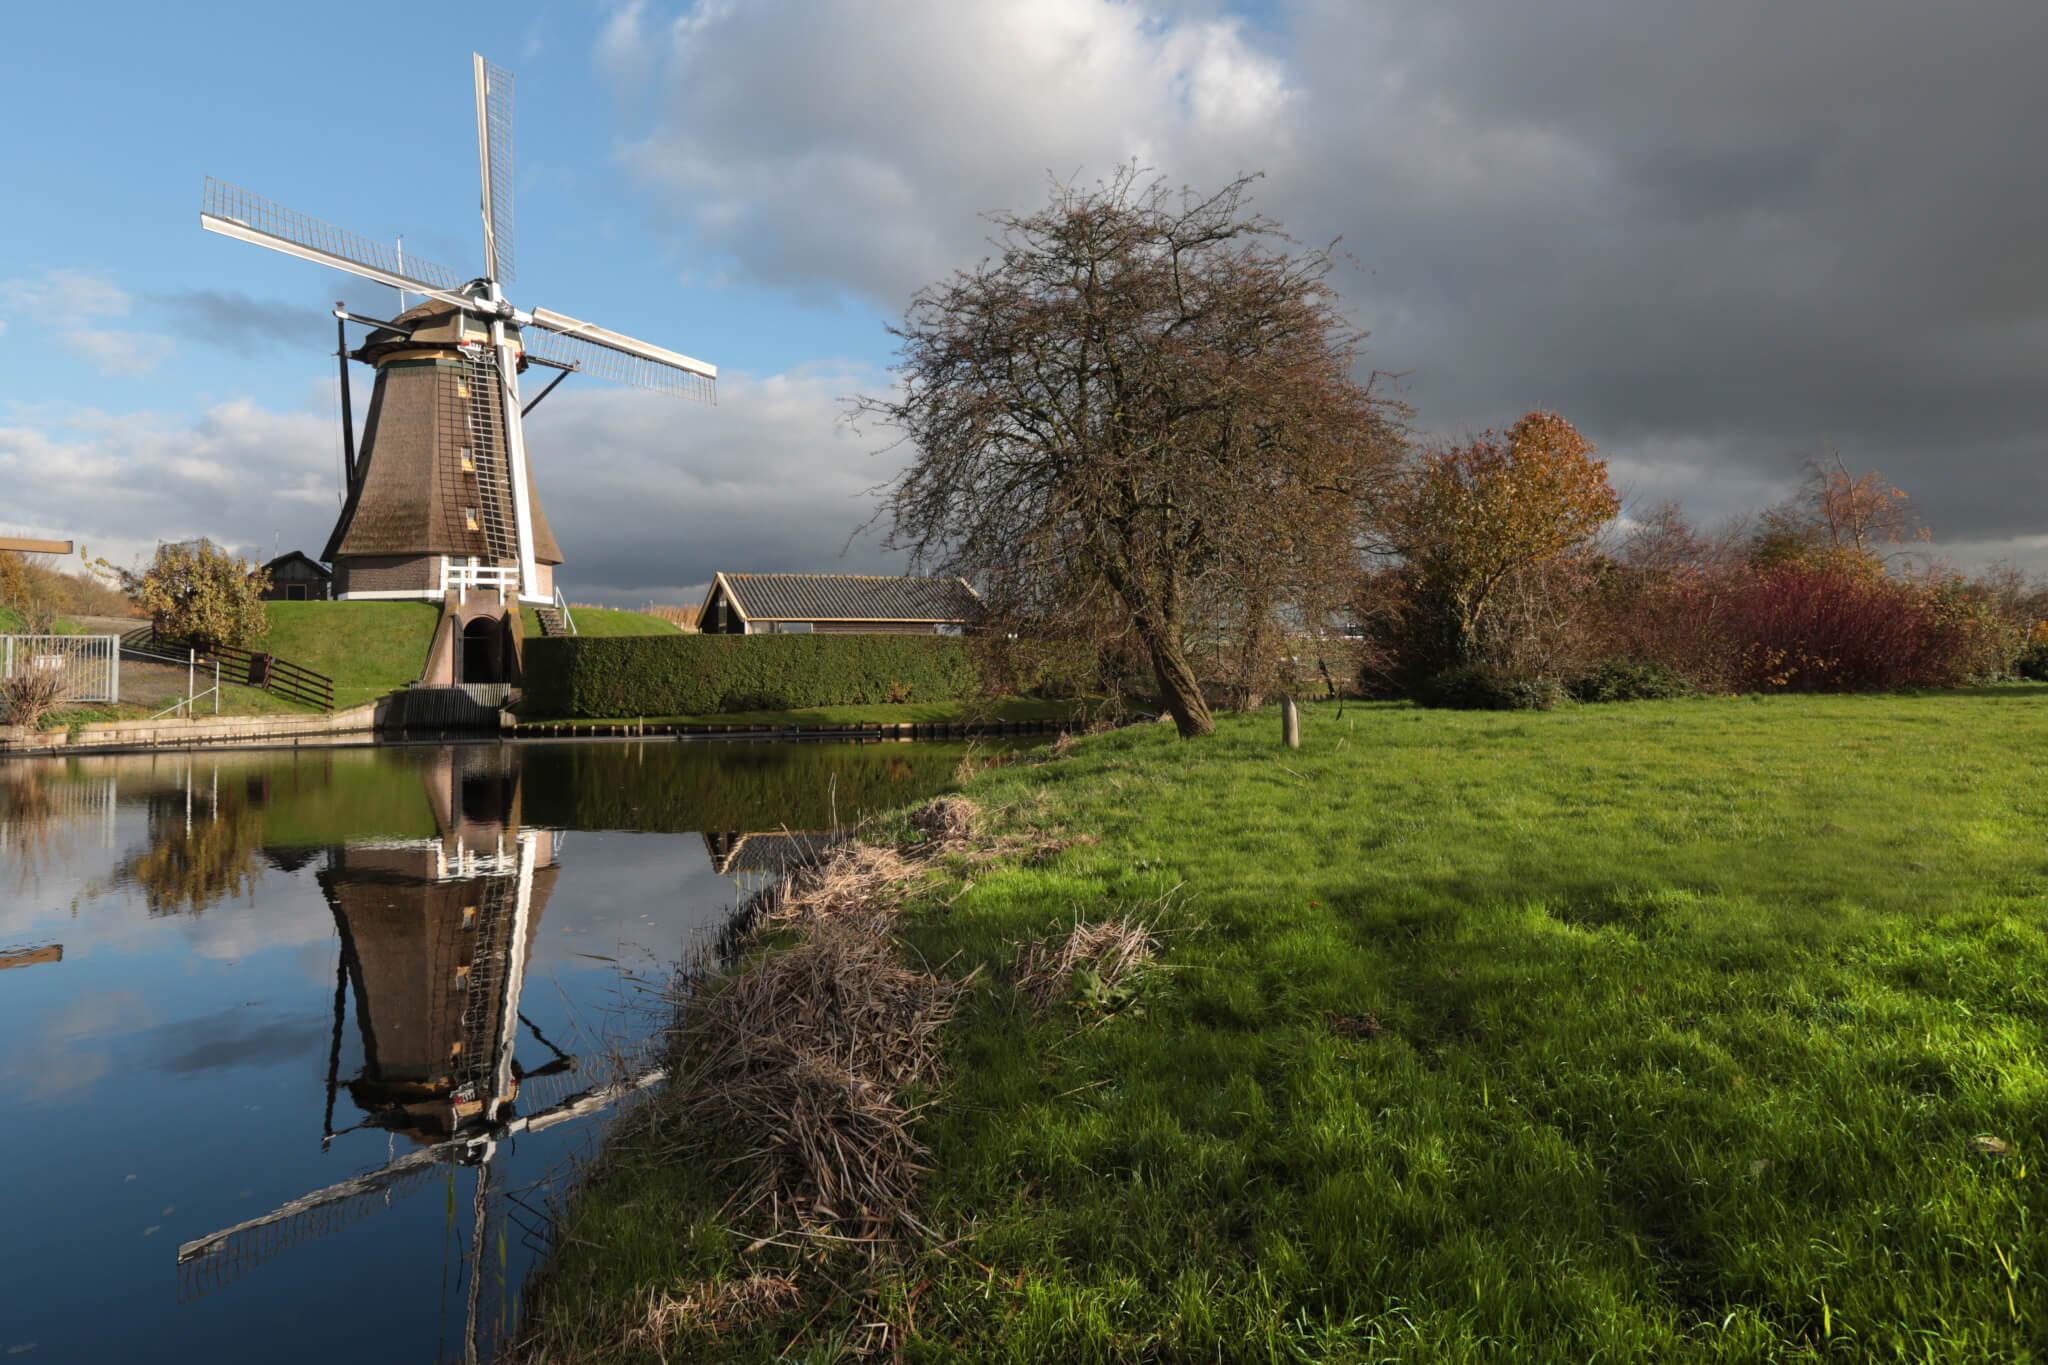 Stommeermolen windmill Aalsmeer